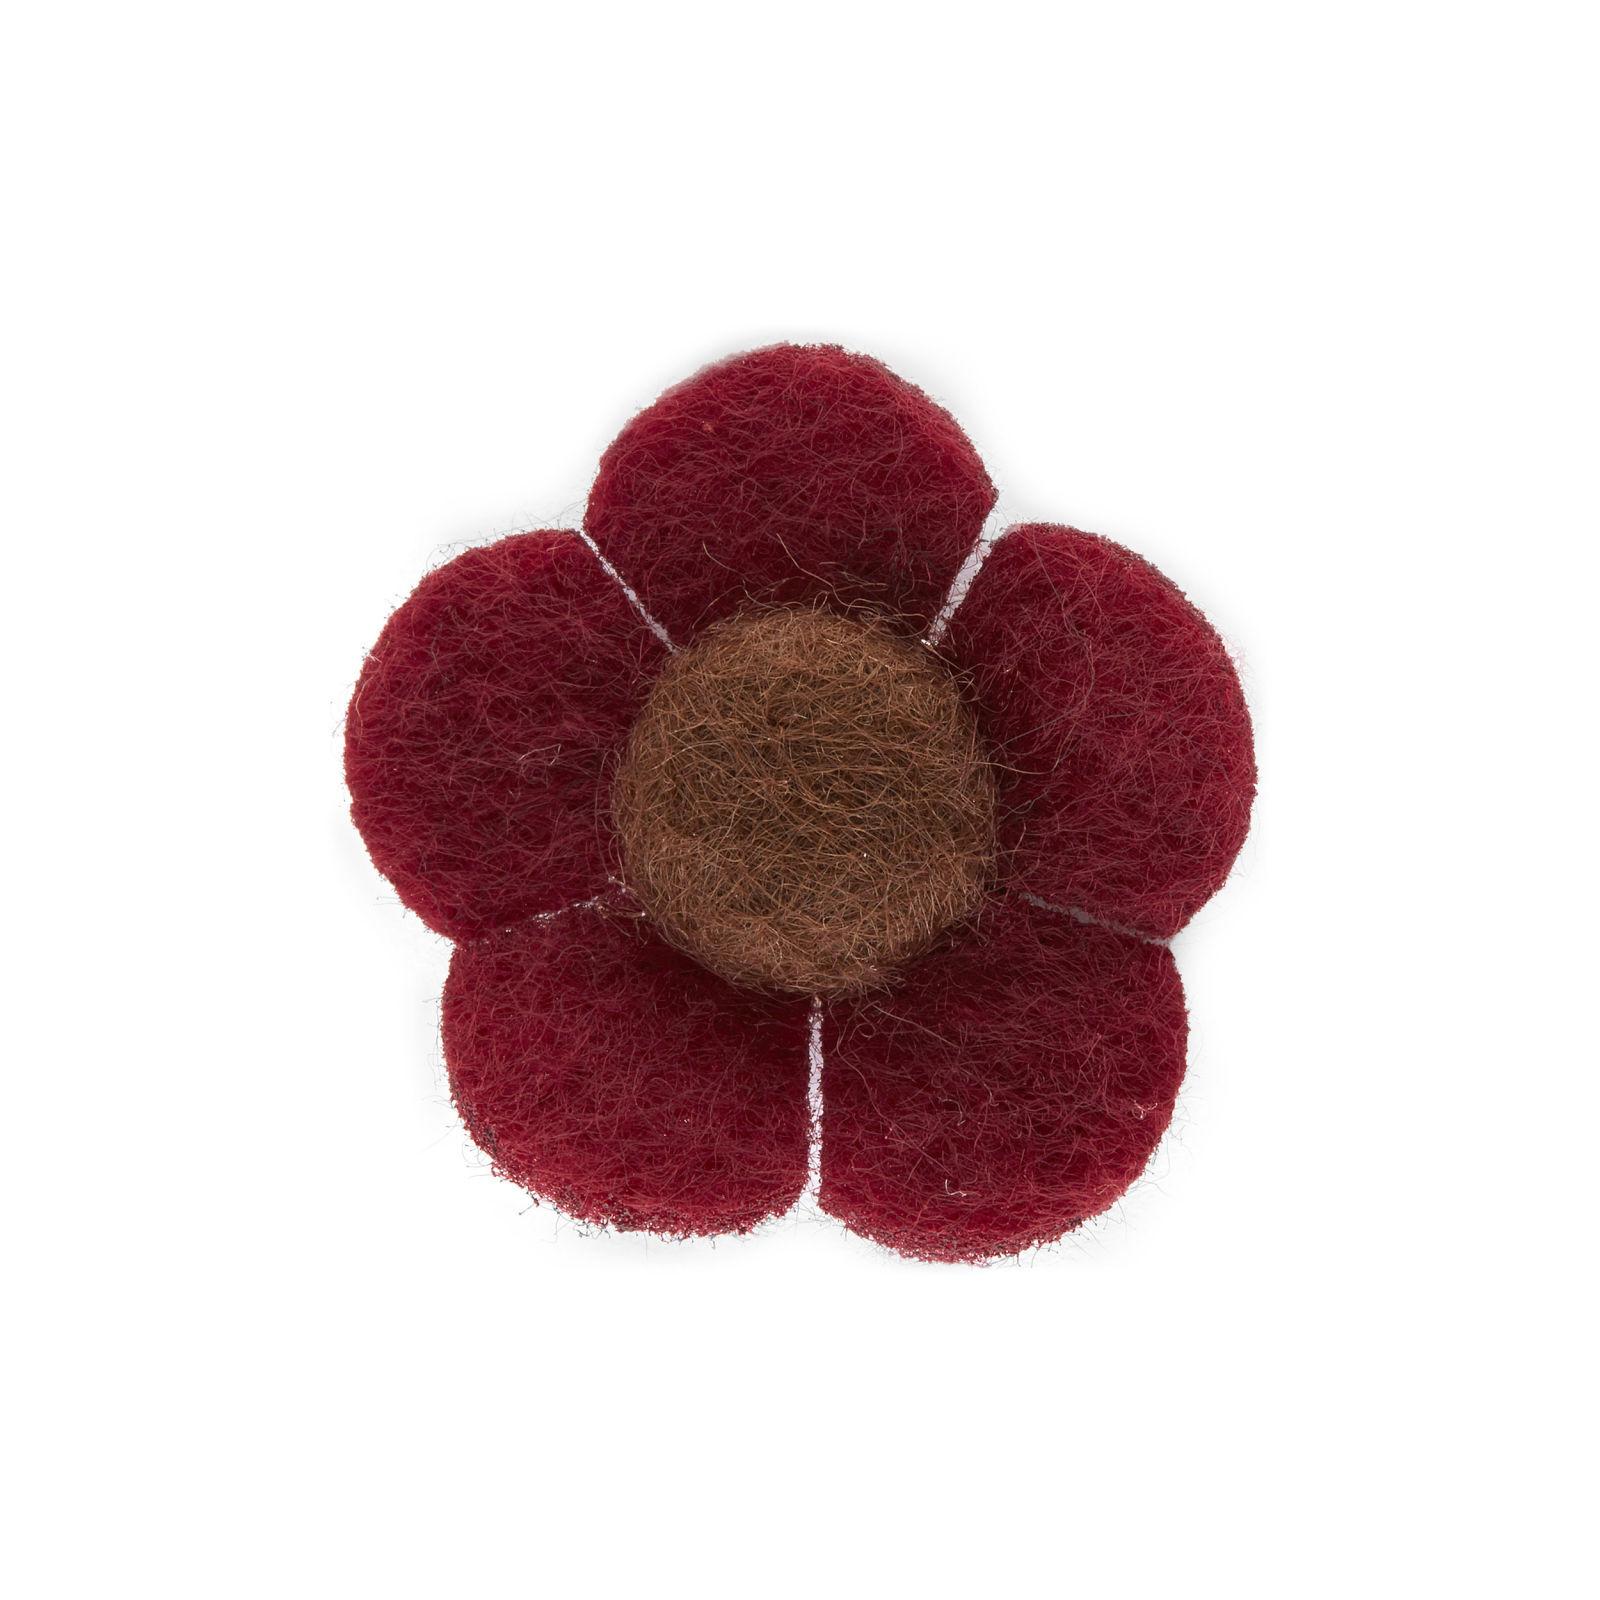 Warren Asher Punainen ja ruskea kukka -rintaneula